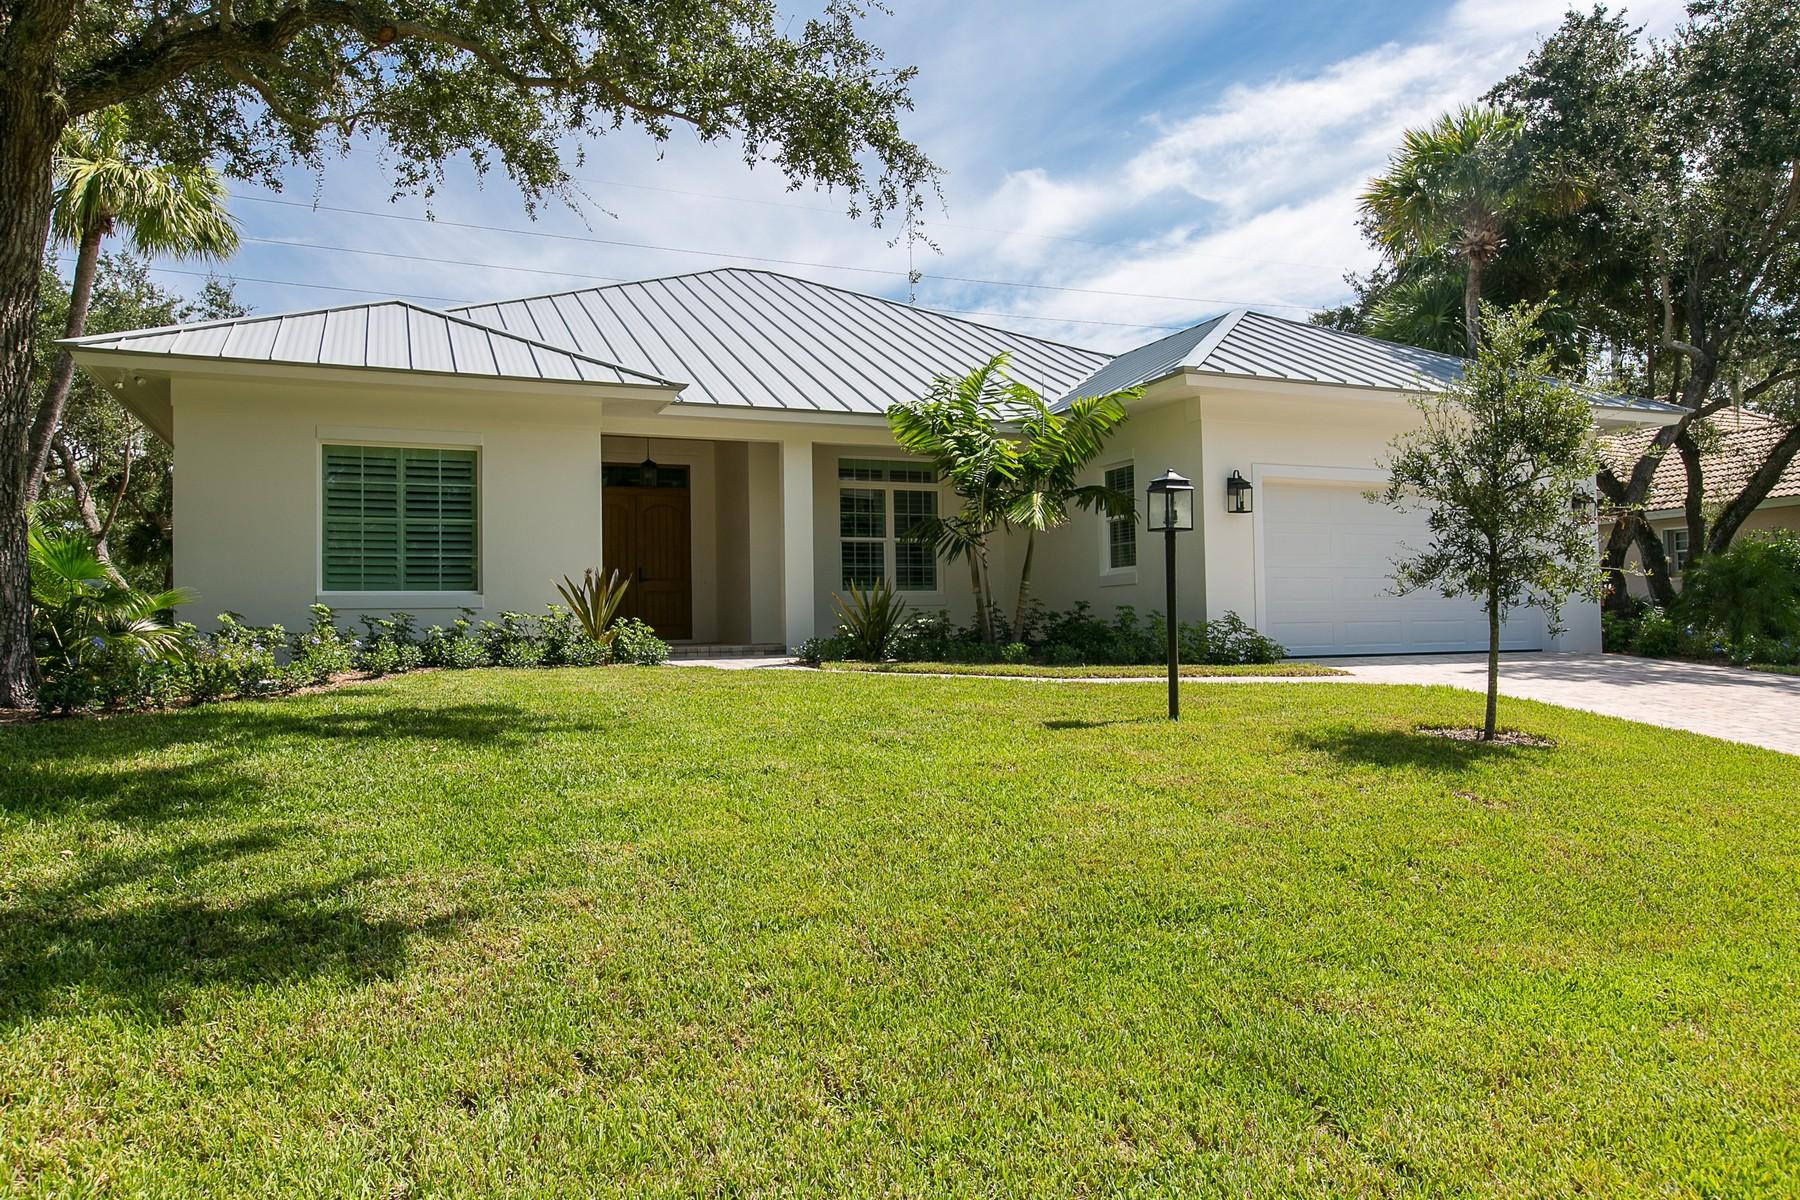 Land für Verkauf beim To Be Constructed Savvy Home in Golf Course Community 5750 Glen Eagle Lane Vero Beach, Florida, 32967 Vereinigte Staaten